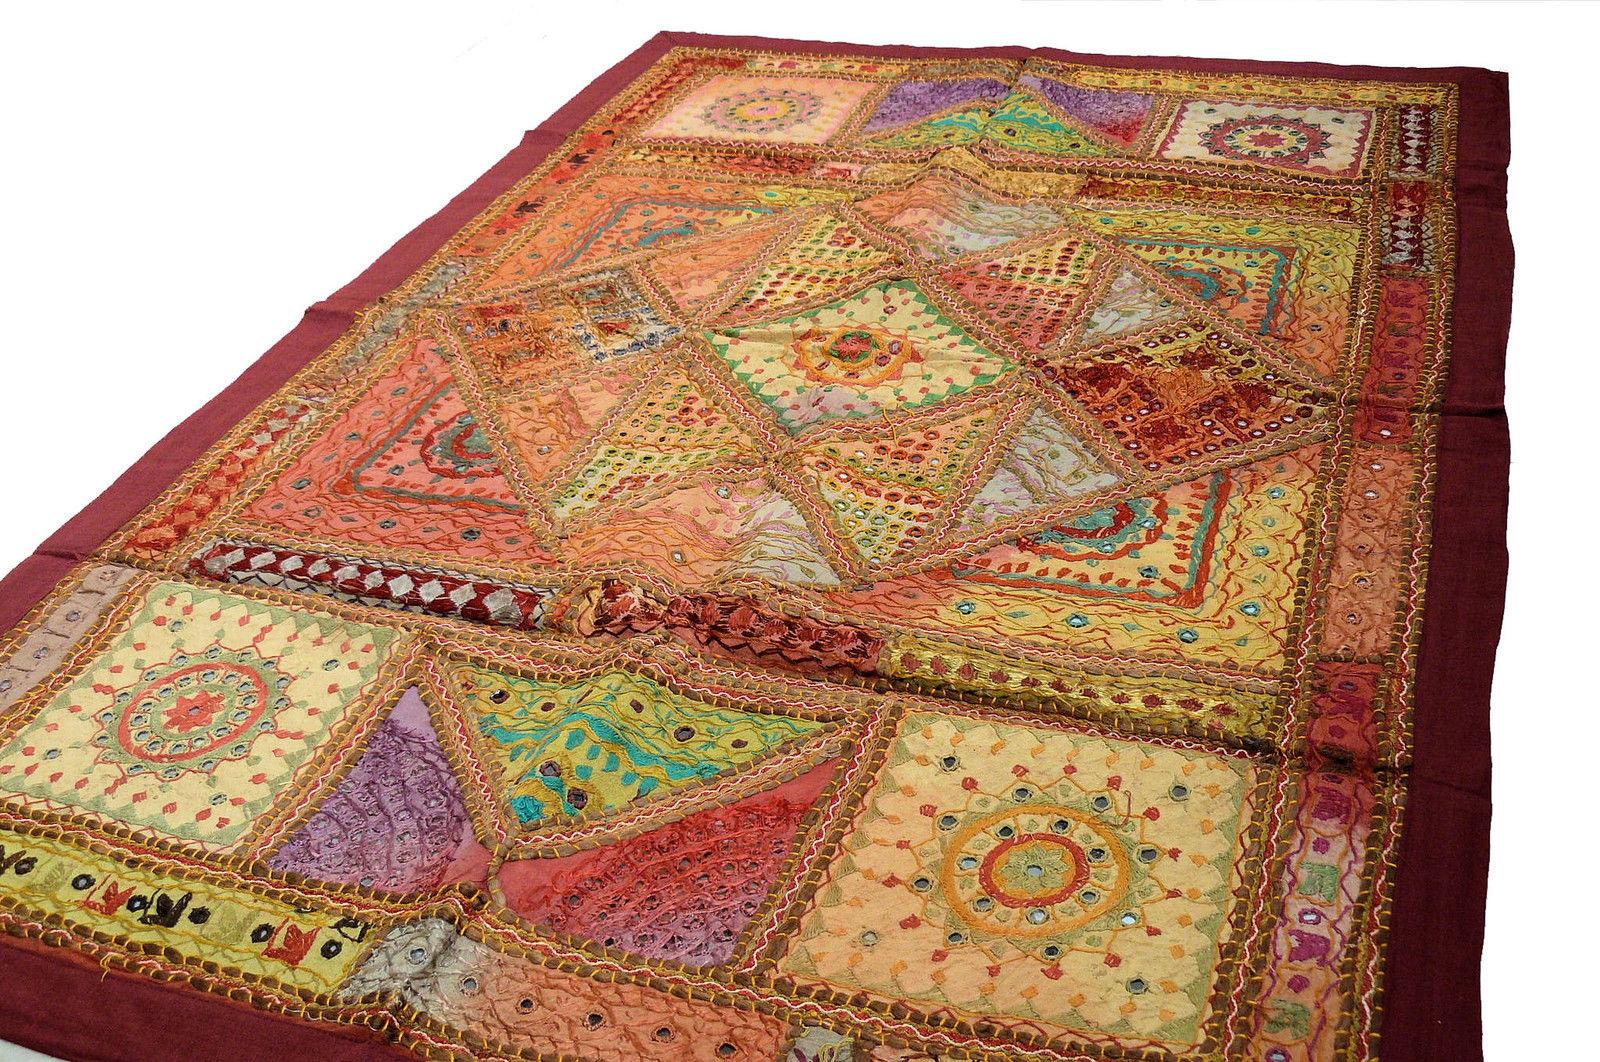 Wandbehang wand teppich indien patchwork wand schmuck deko - Wandbehang patchwork ...